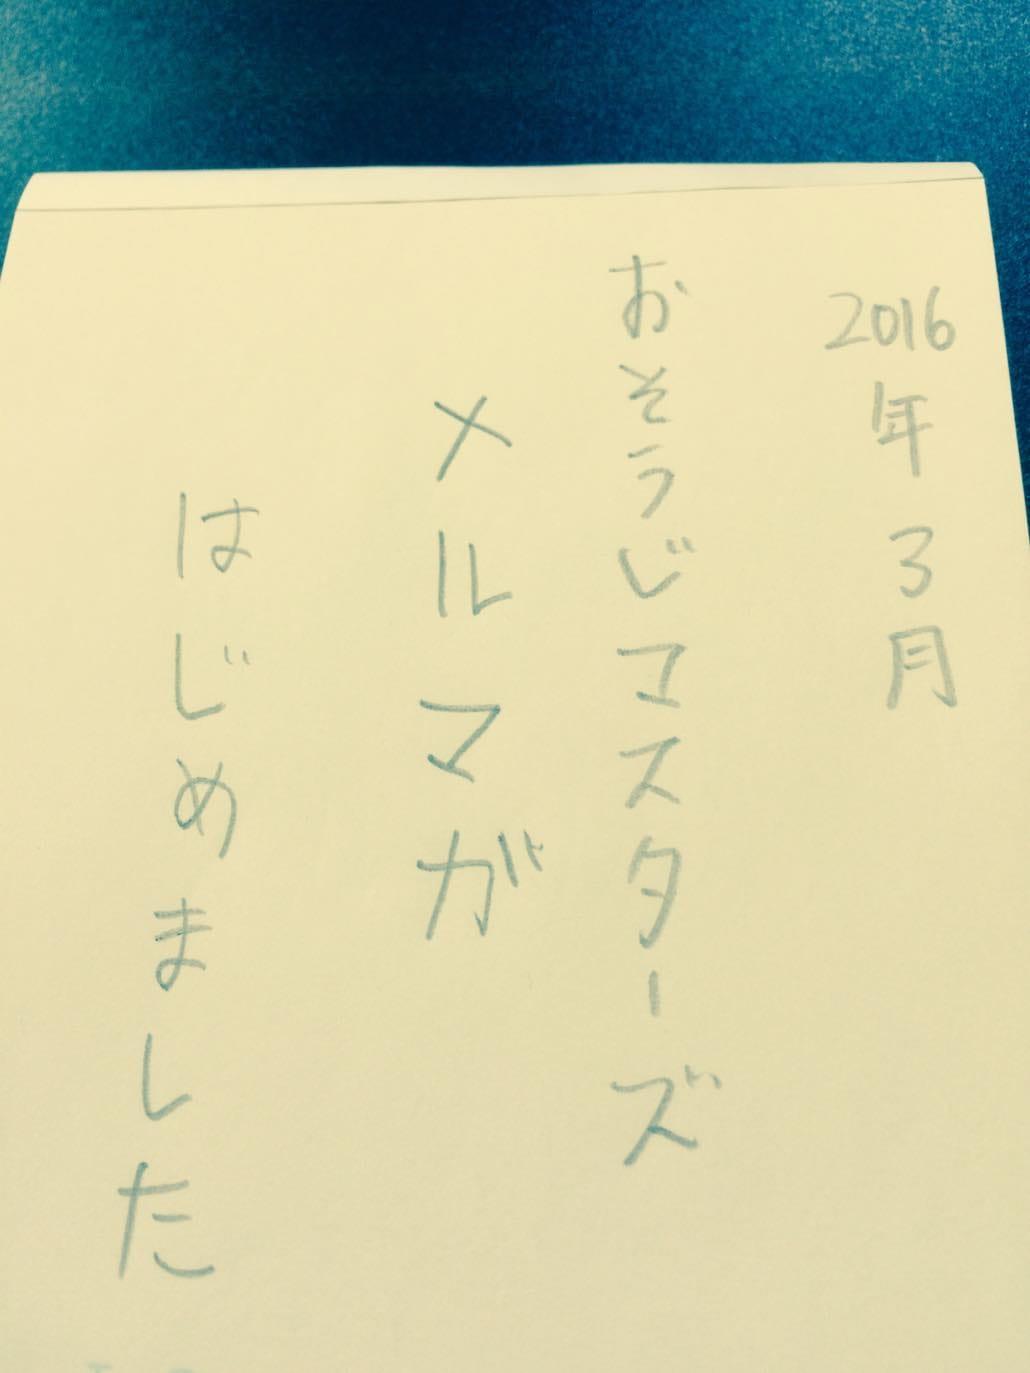 横浜・川崎「おそうじマスターズのメルマガ」登録ページ